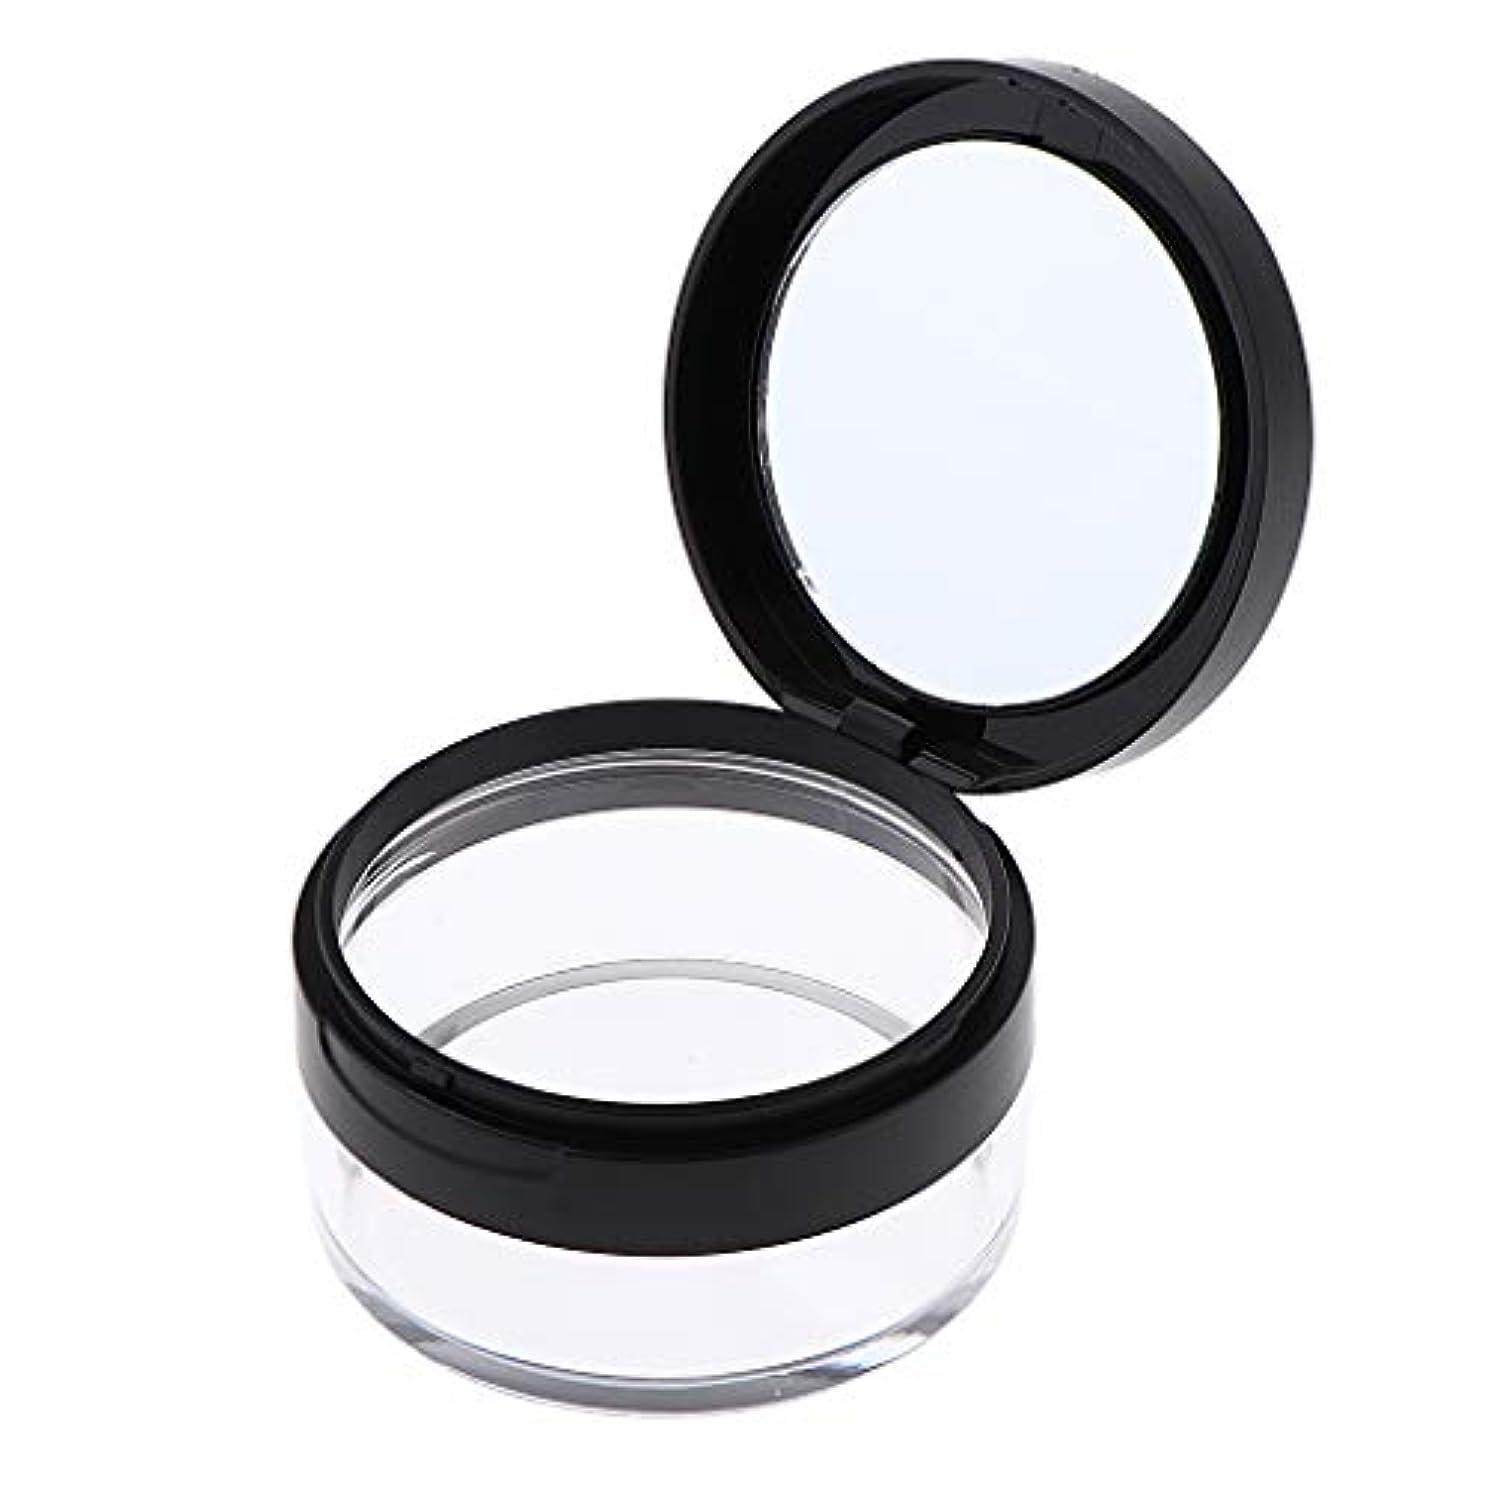 配管宣言フォルダ化粧パウダーケース 化粧鏡付 コスメ用詰替え容器 携帯用 2色選べ - ブラック